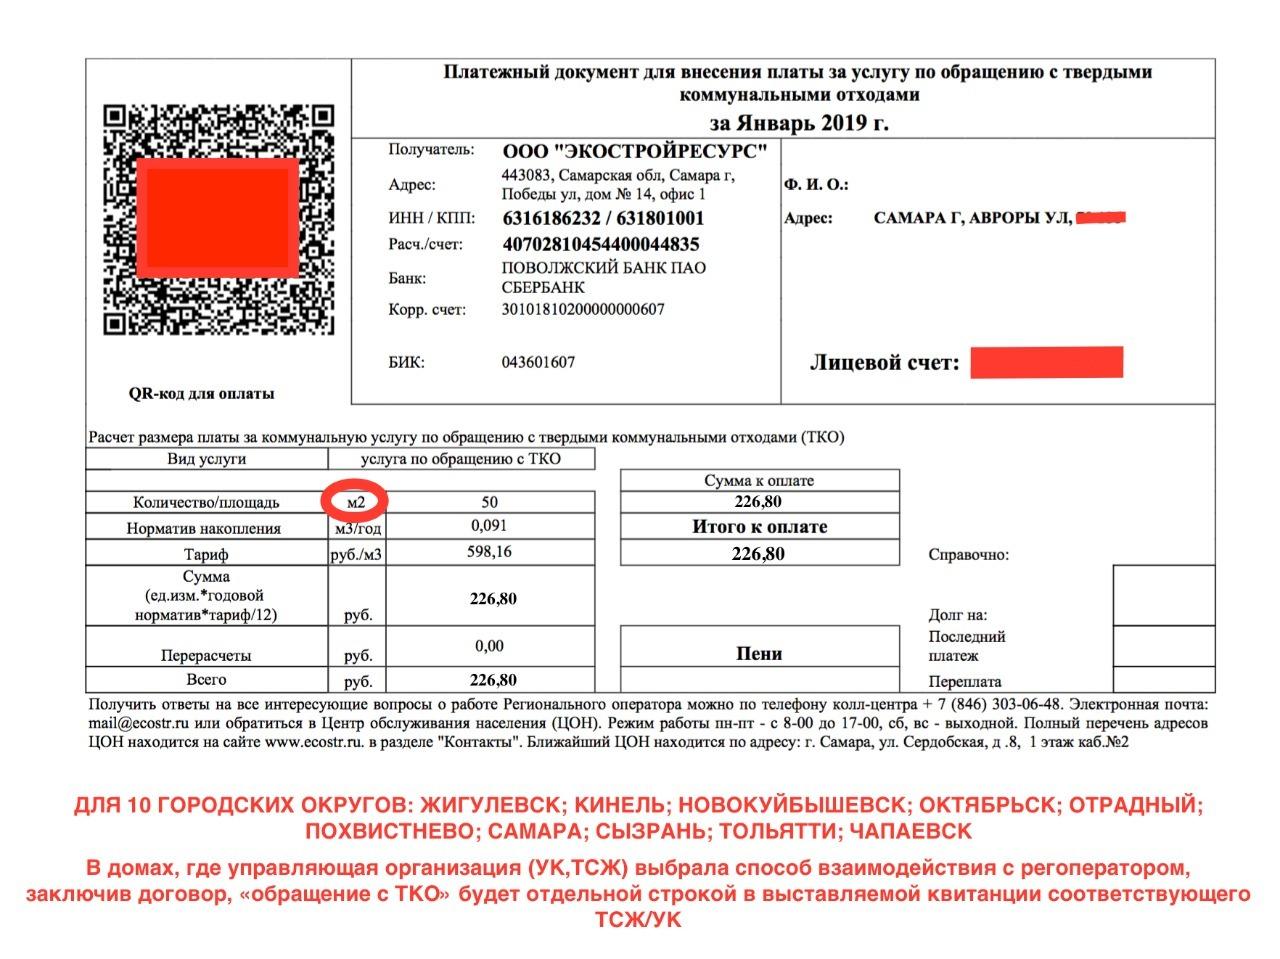 поволжский банк пао сбербанк россии г самара ухожу в декрет есть кредиты